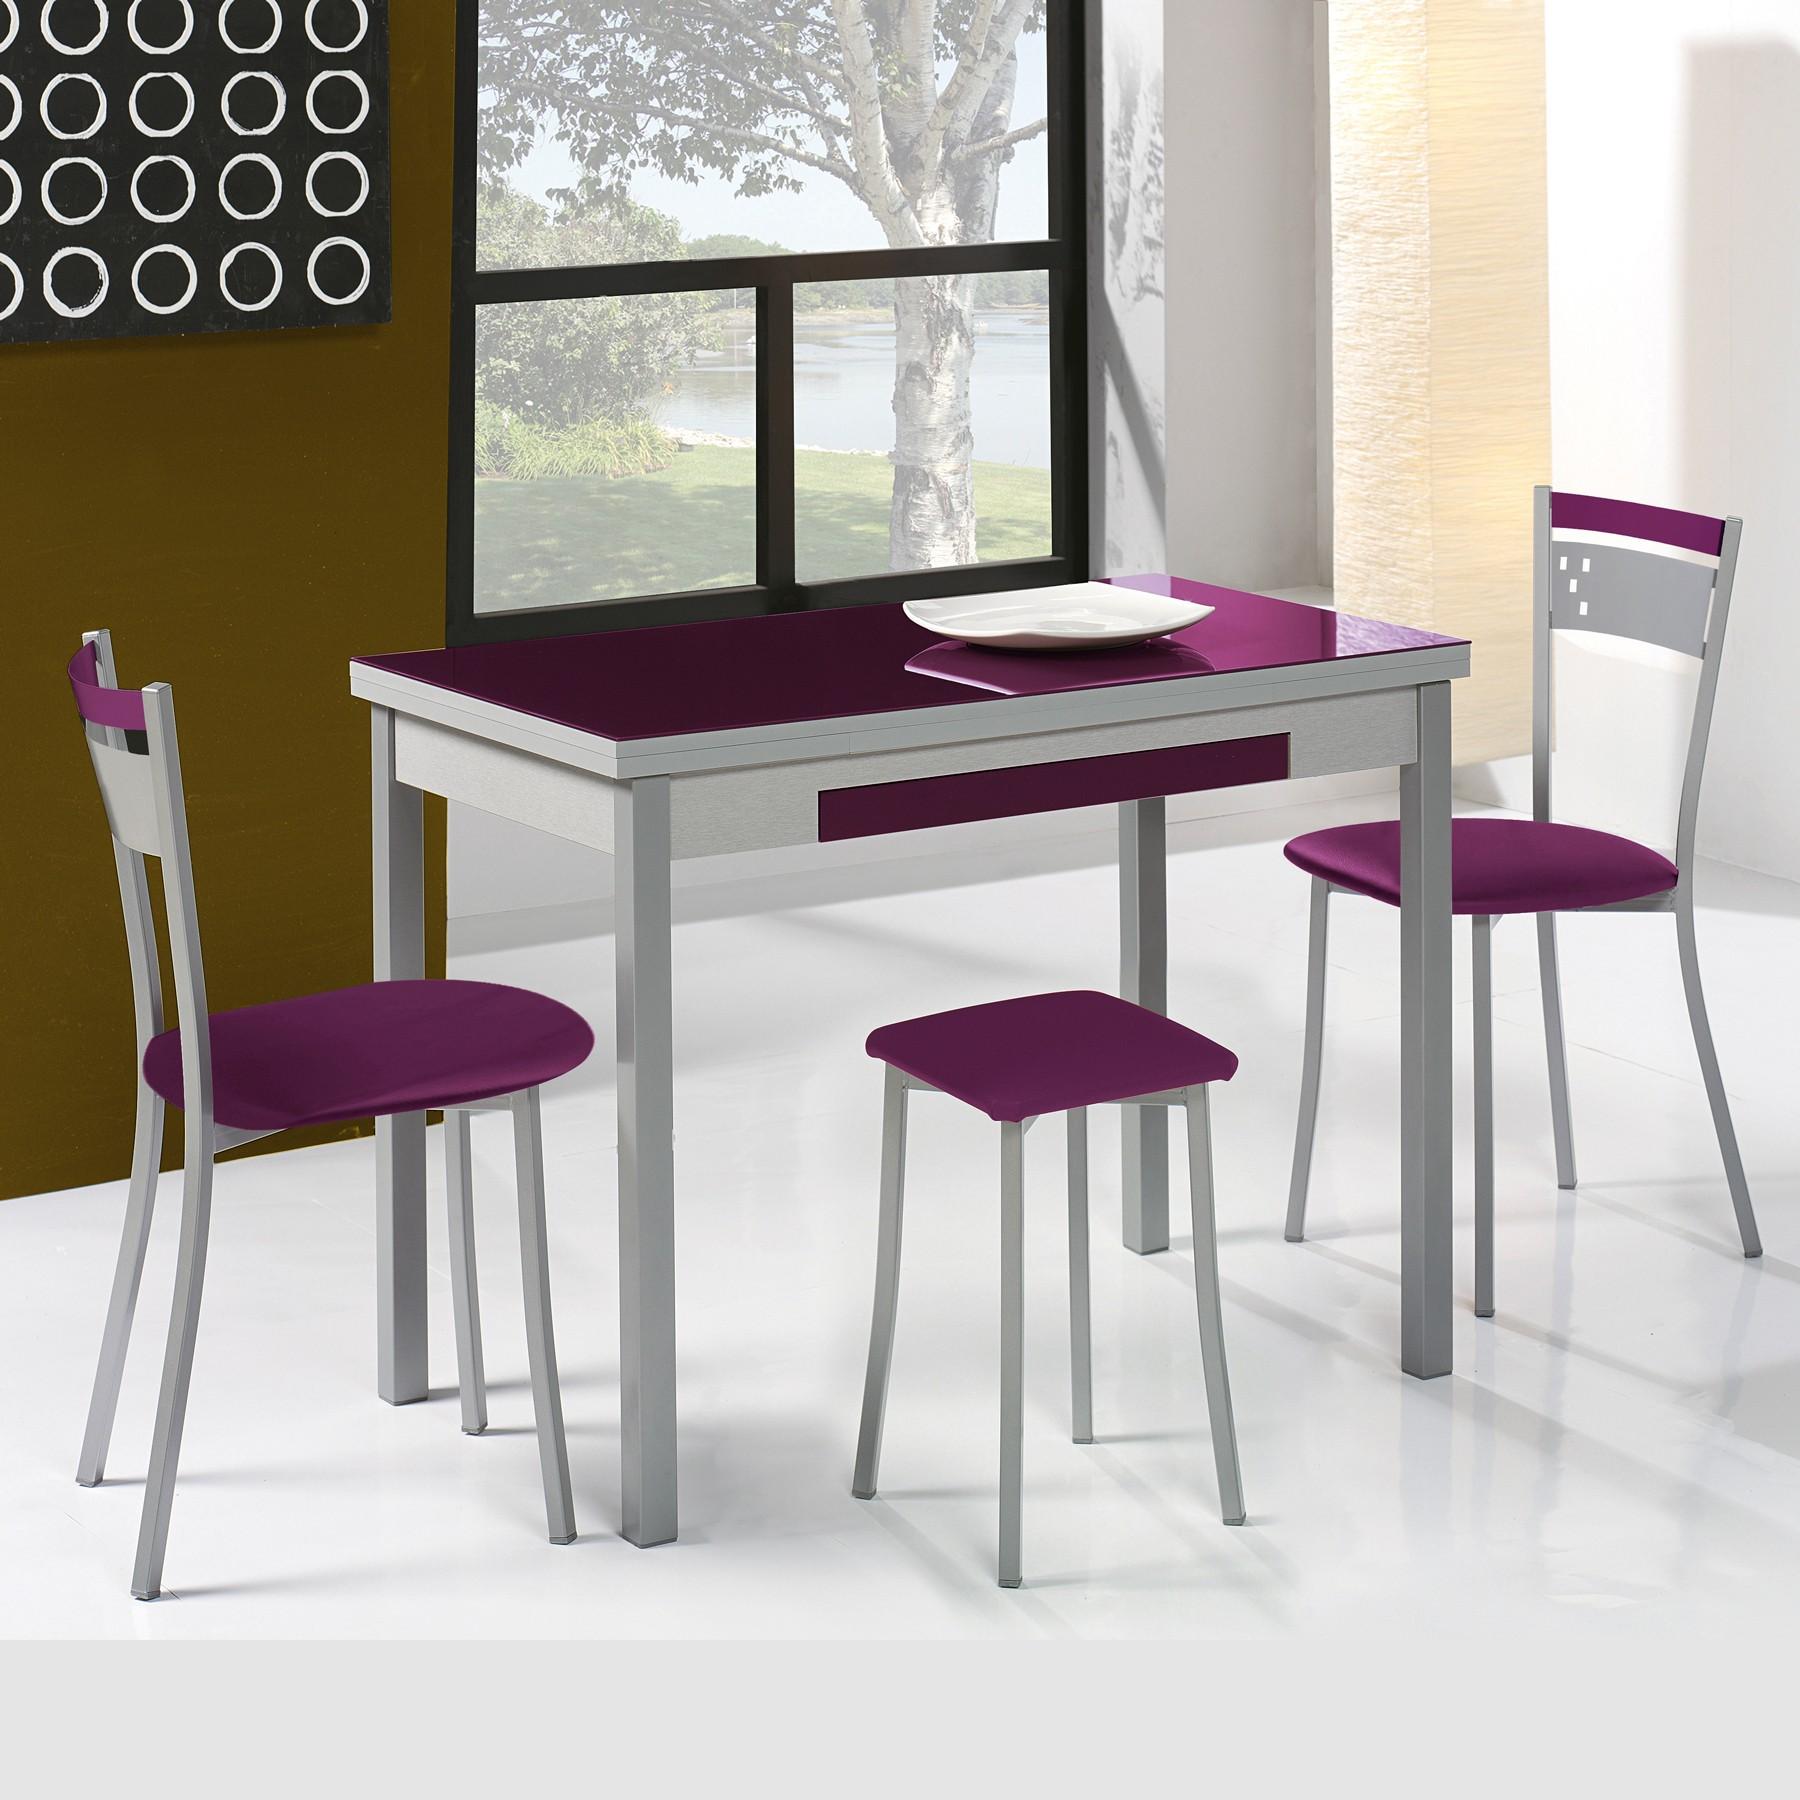 Conjunto de mesa y sillas for Conjunto de mesa y sillas de comedor